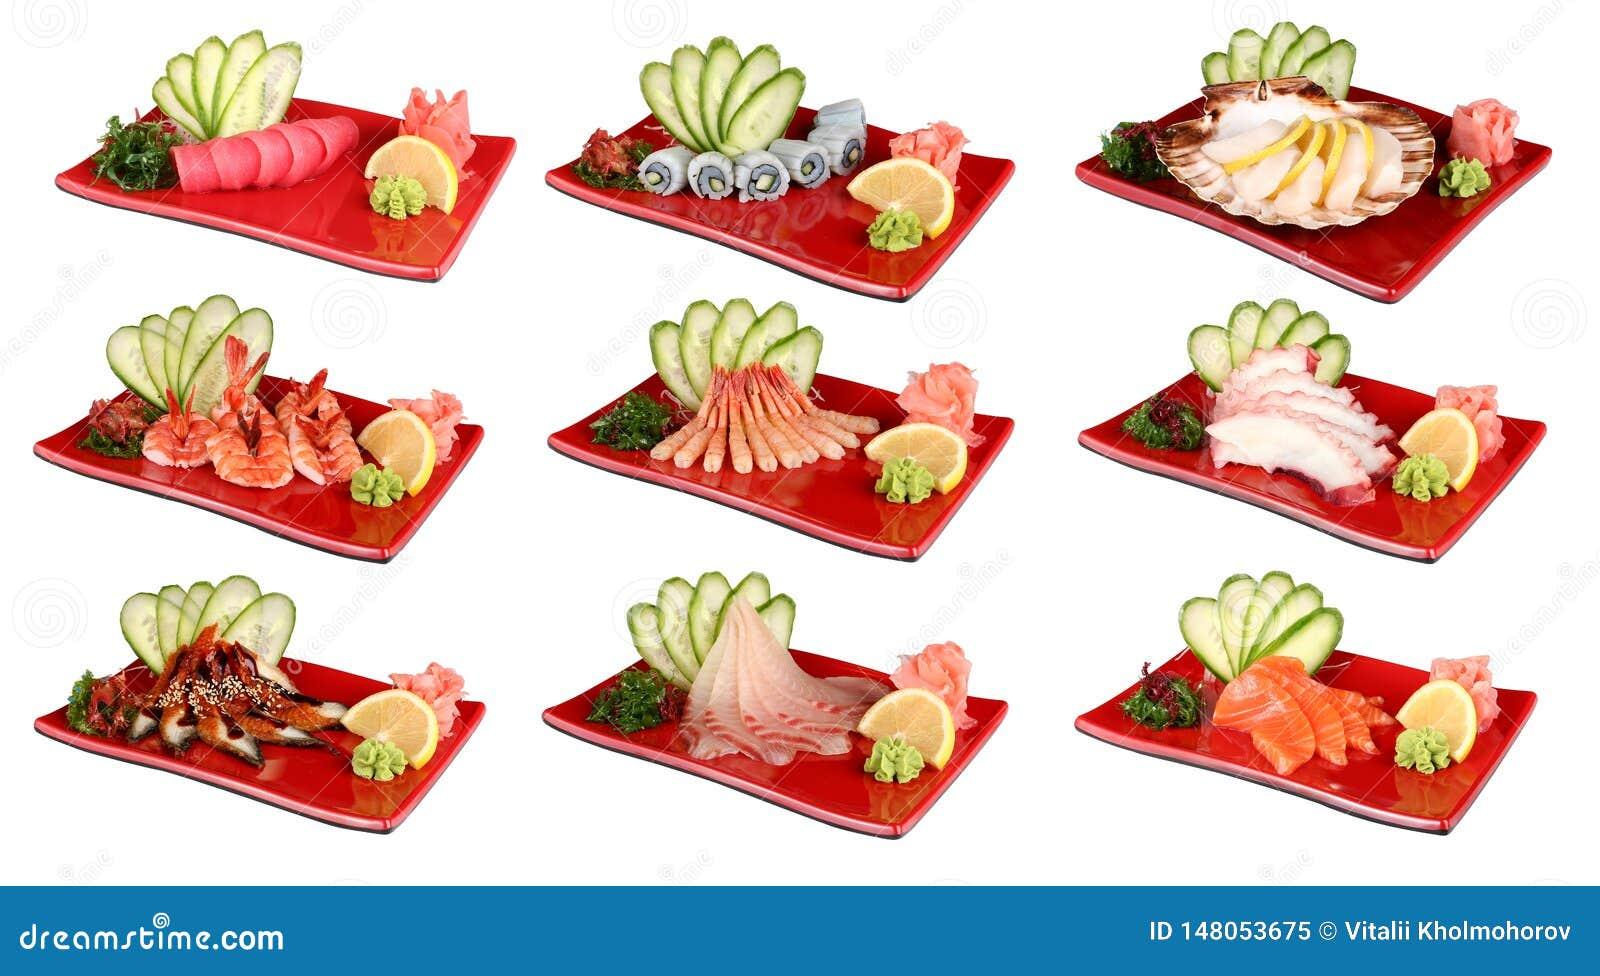 Sashimi op rode platen Traditionele Japanse schotel van verse zeevruchten Op een witte achtergrond